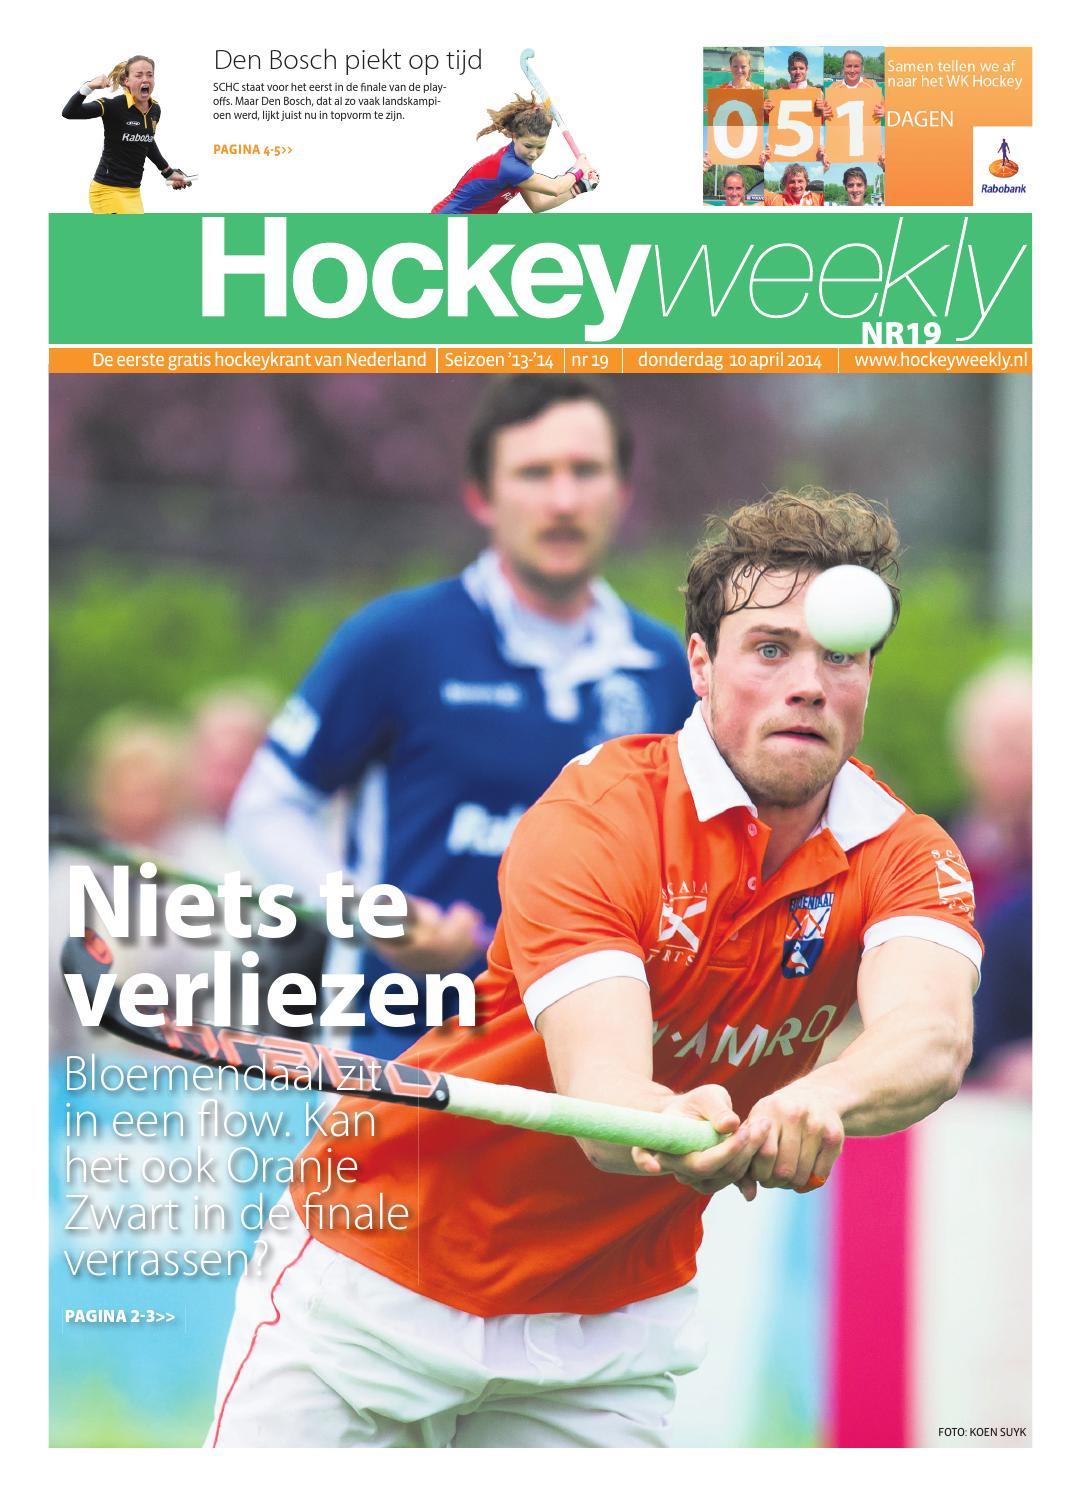 cb2391335cf Hockeyweekly 19 2013:2014 by TIG Sports - issuu